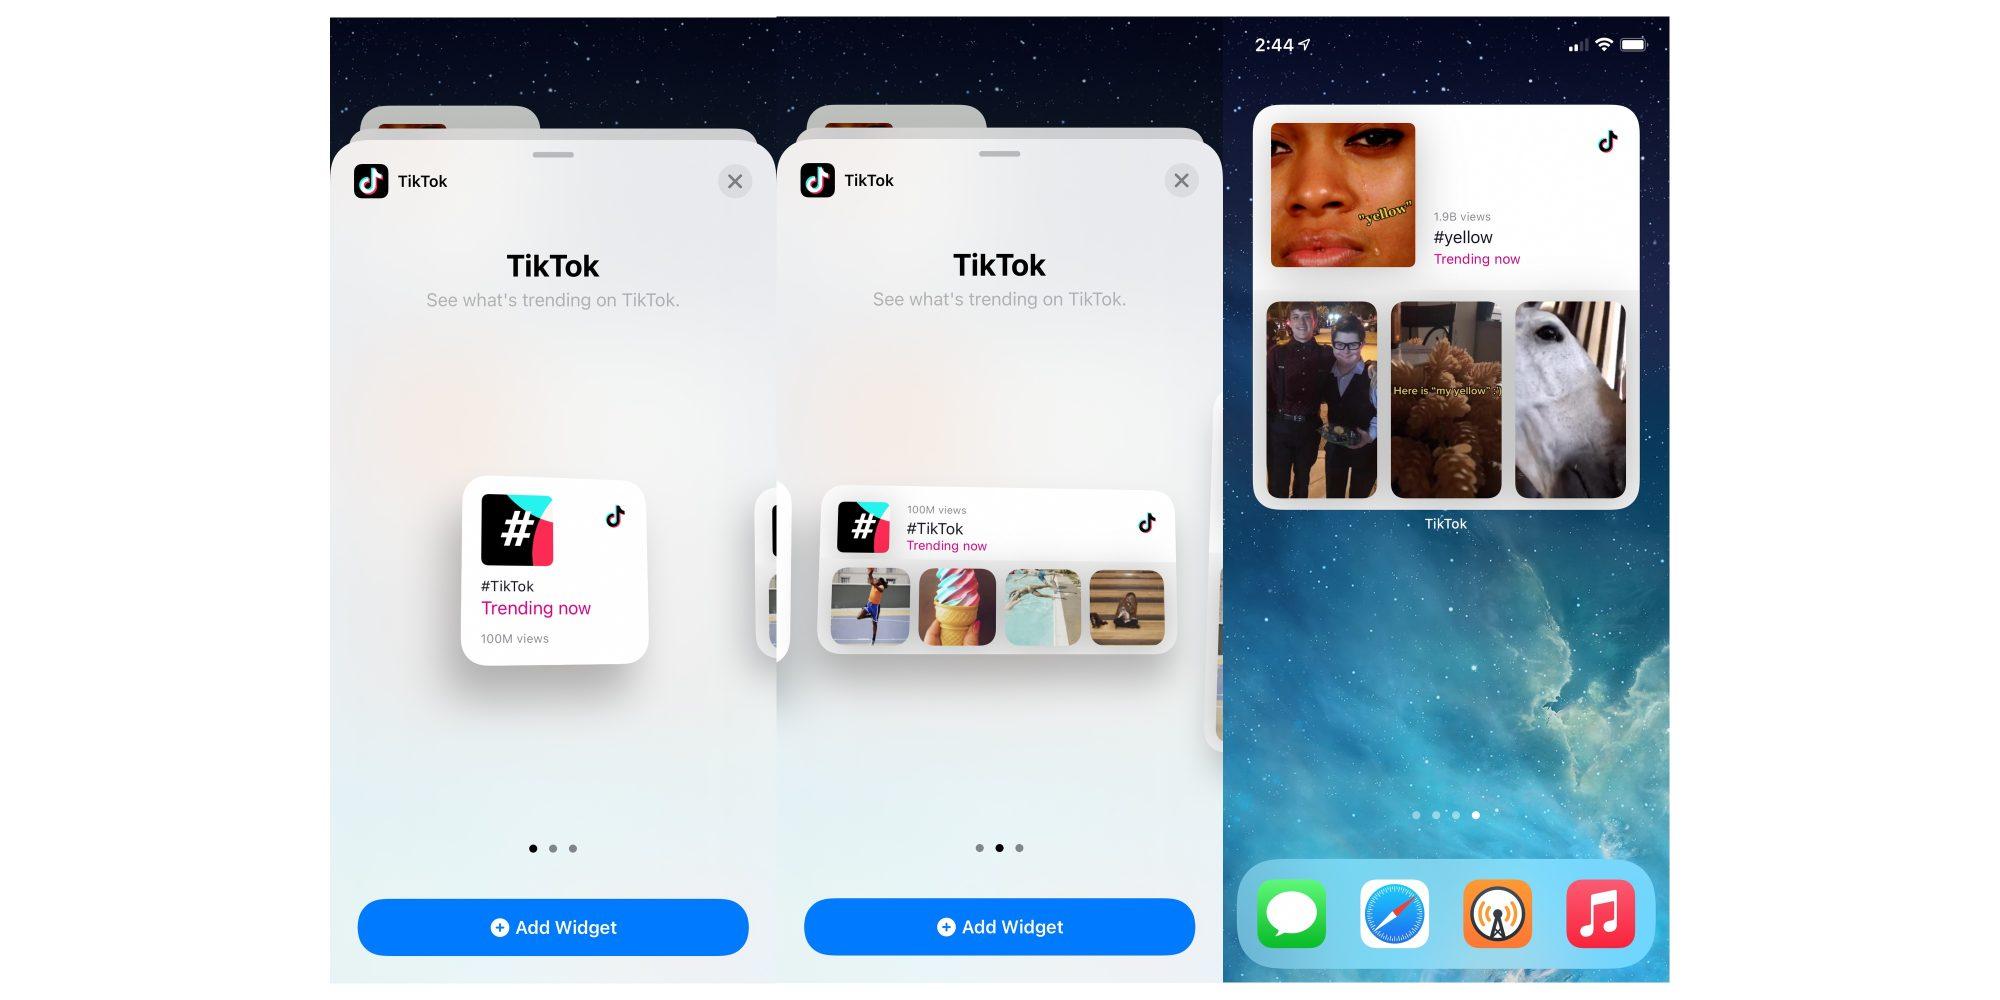 tiktok widgets